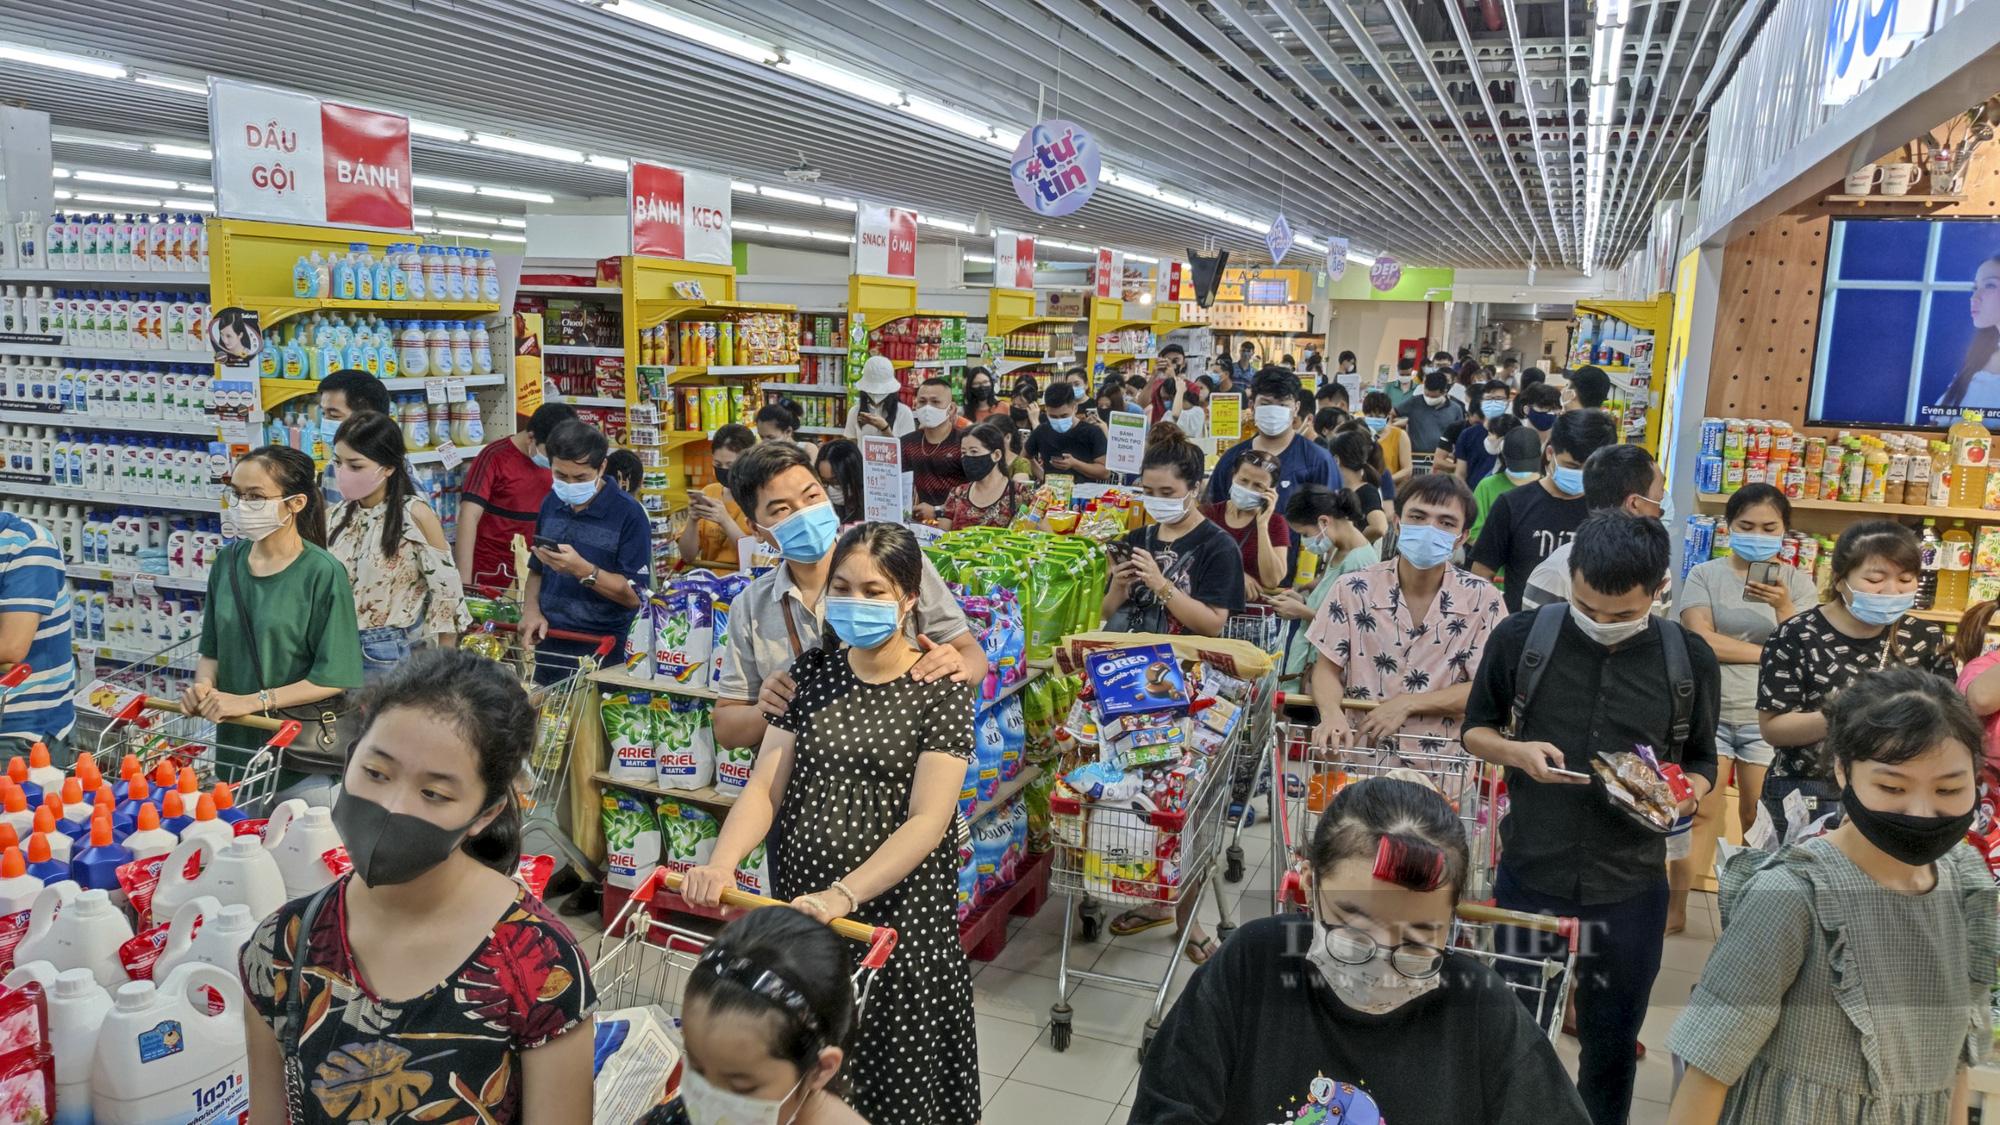 Người dân Hà Nội đổ xô đi mua thực phẩm dự trữ - Ảnh 1.